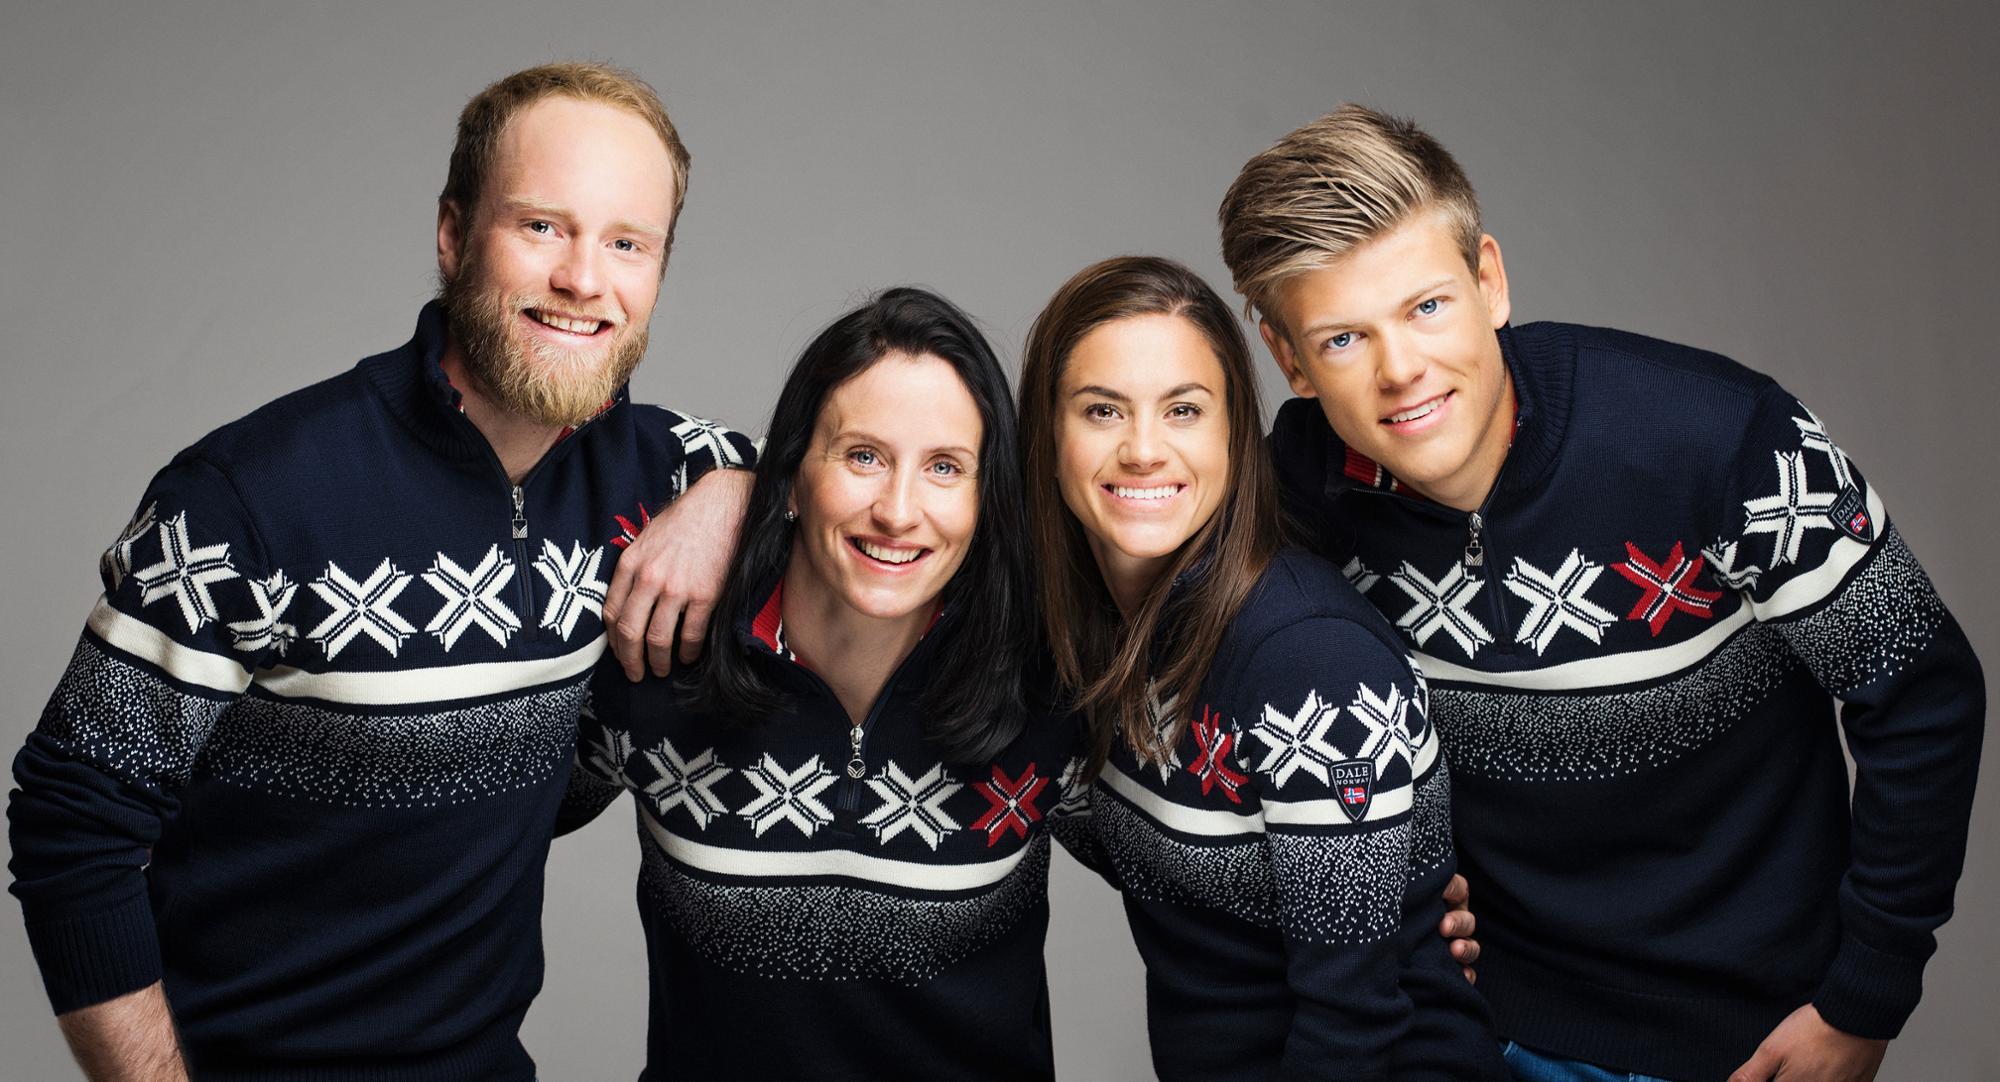 OL og VM gensere Offisiell leverandør Dale of Norway